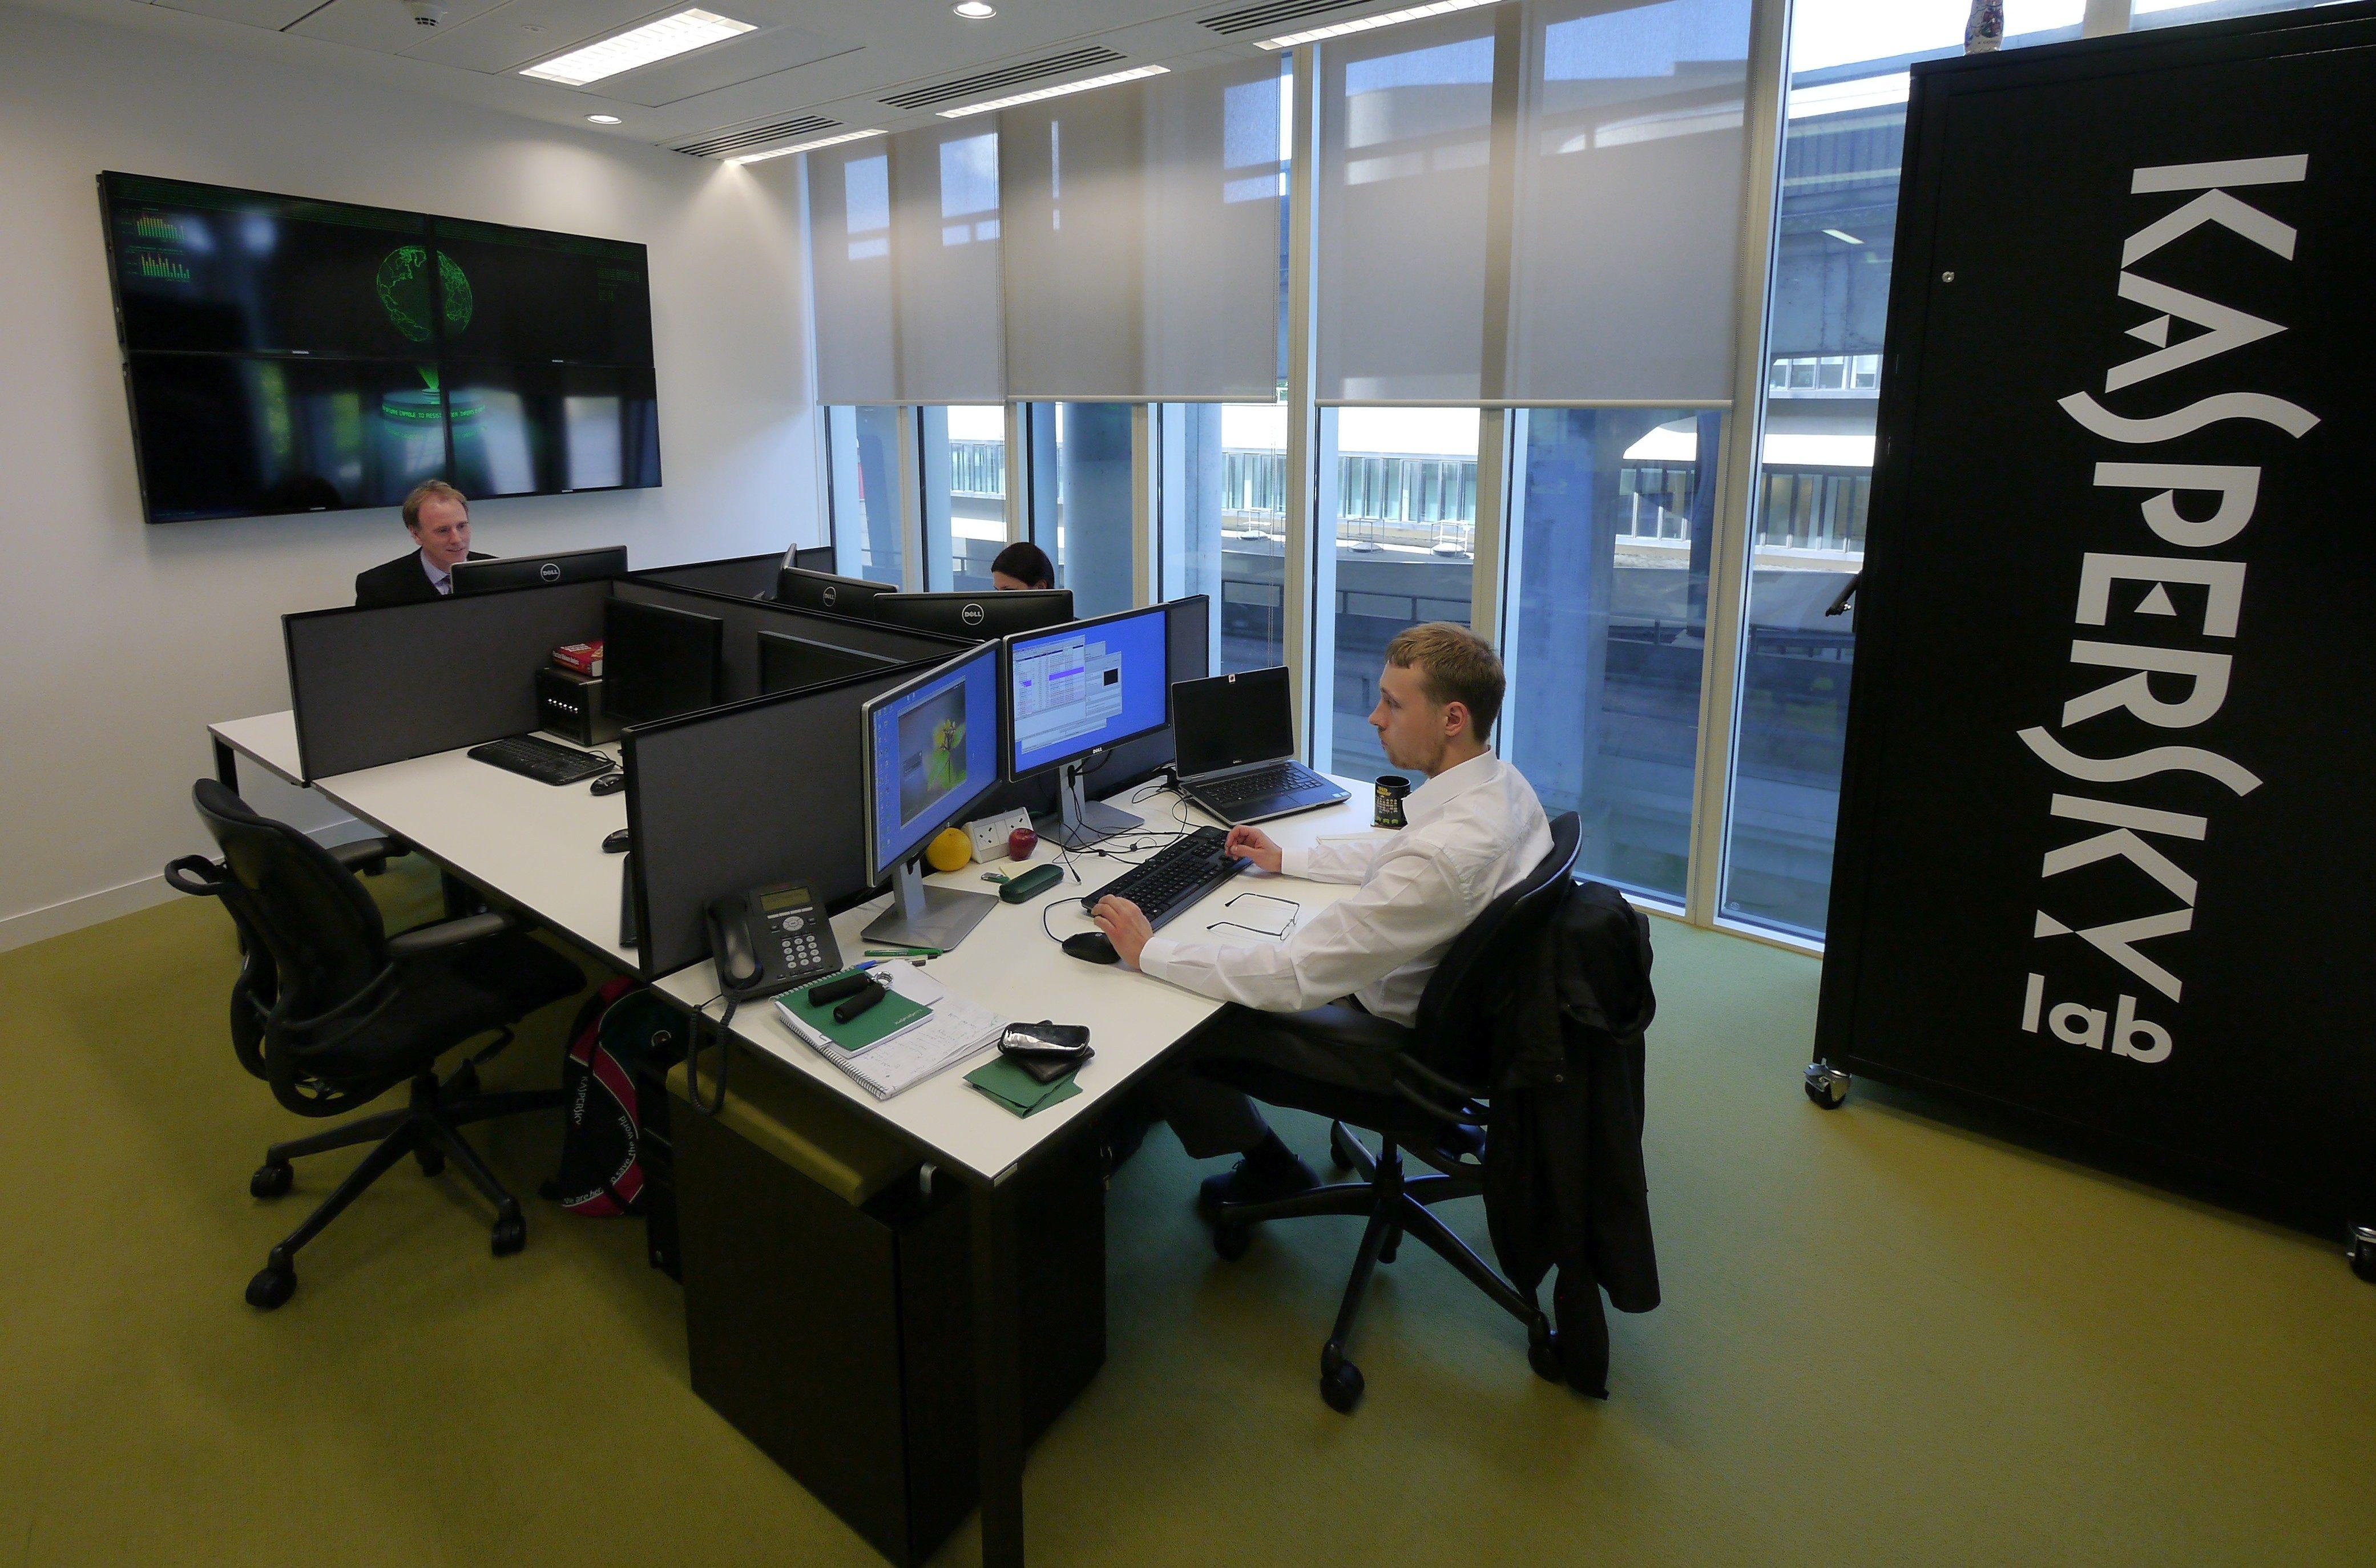 analyst-at-work-5